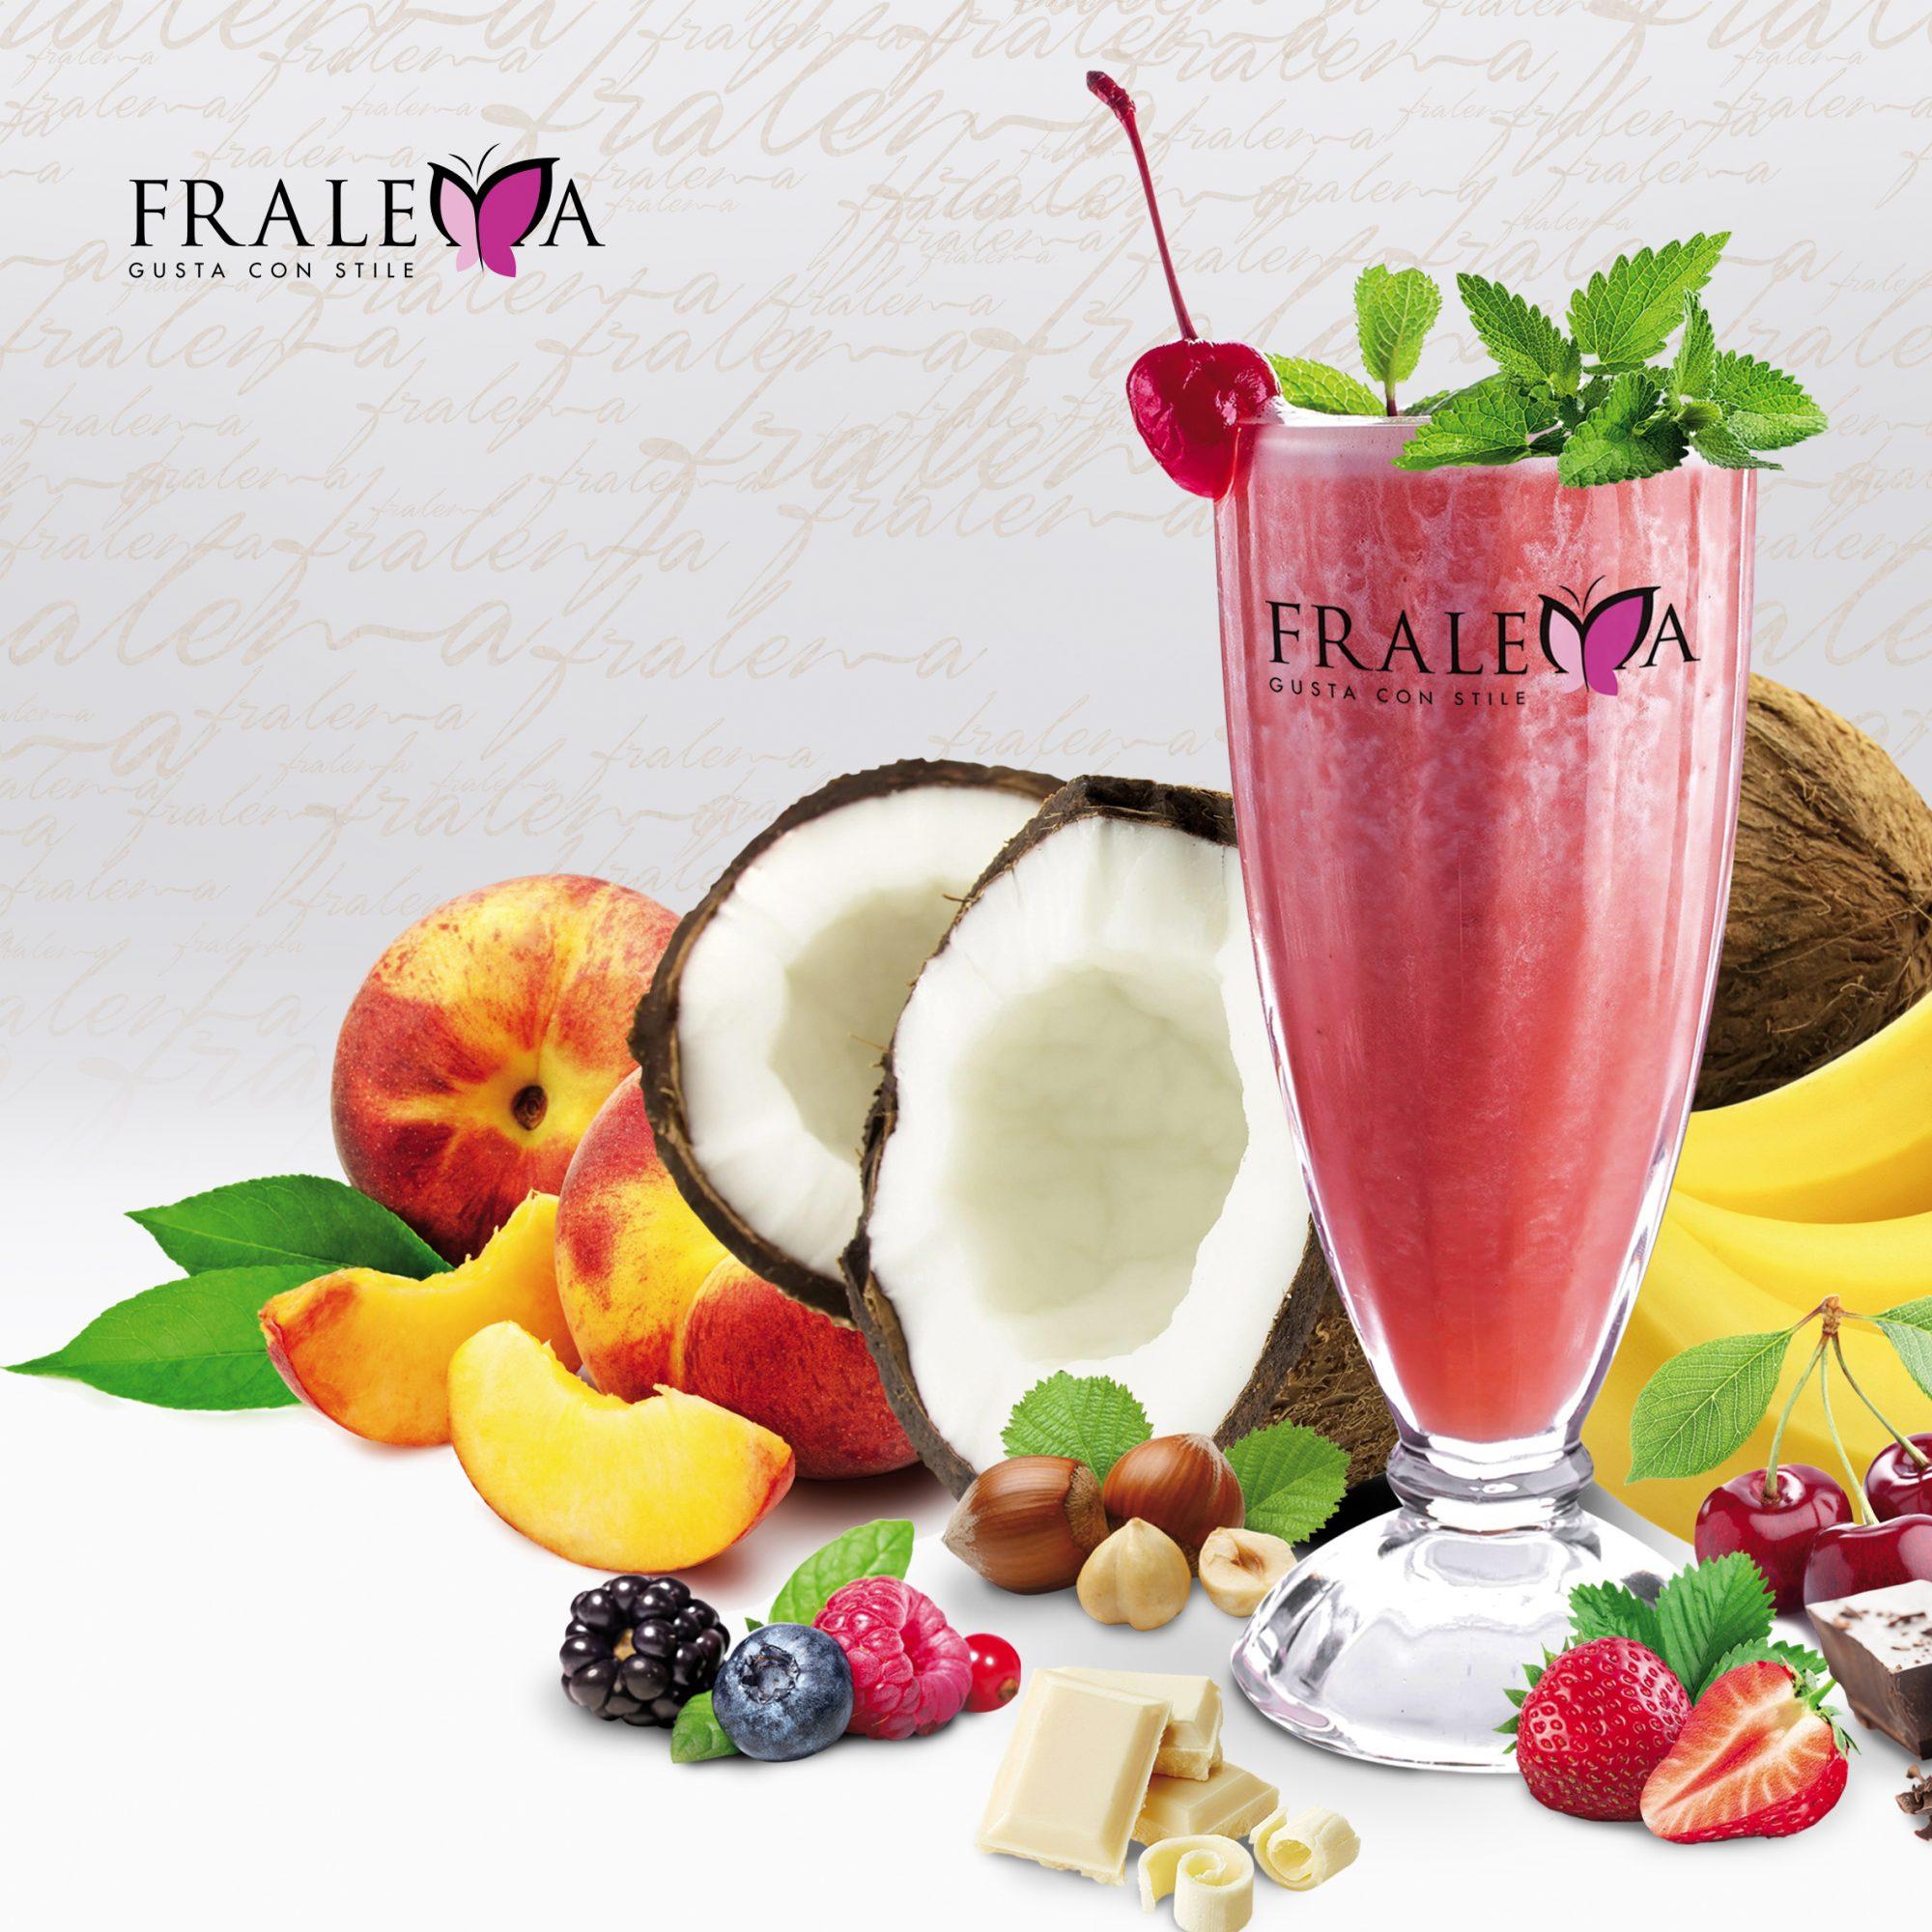 fralema_prodotti per la caffetteria_i freddi_frappè classico_frappè frutta_frappè creme